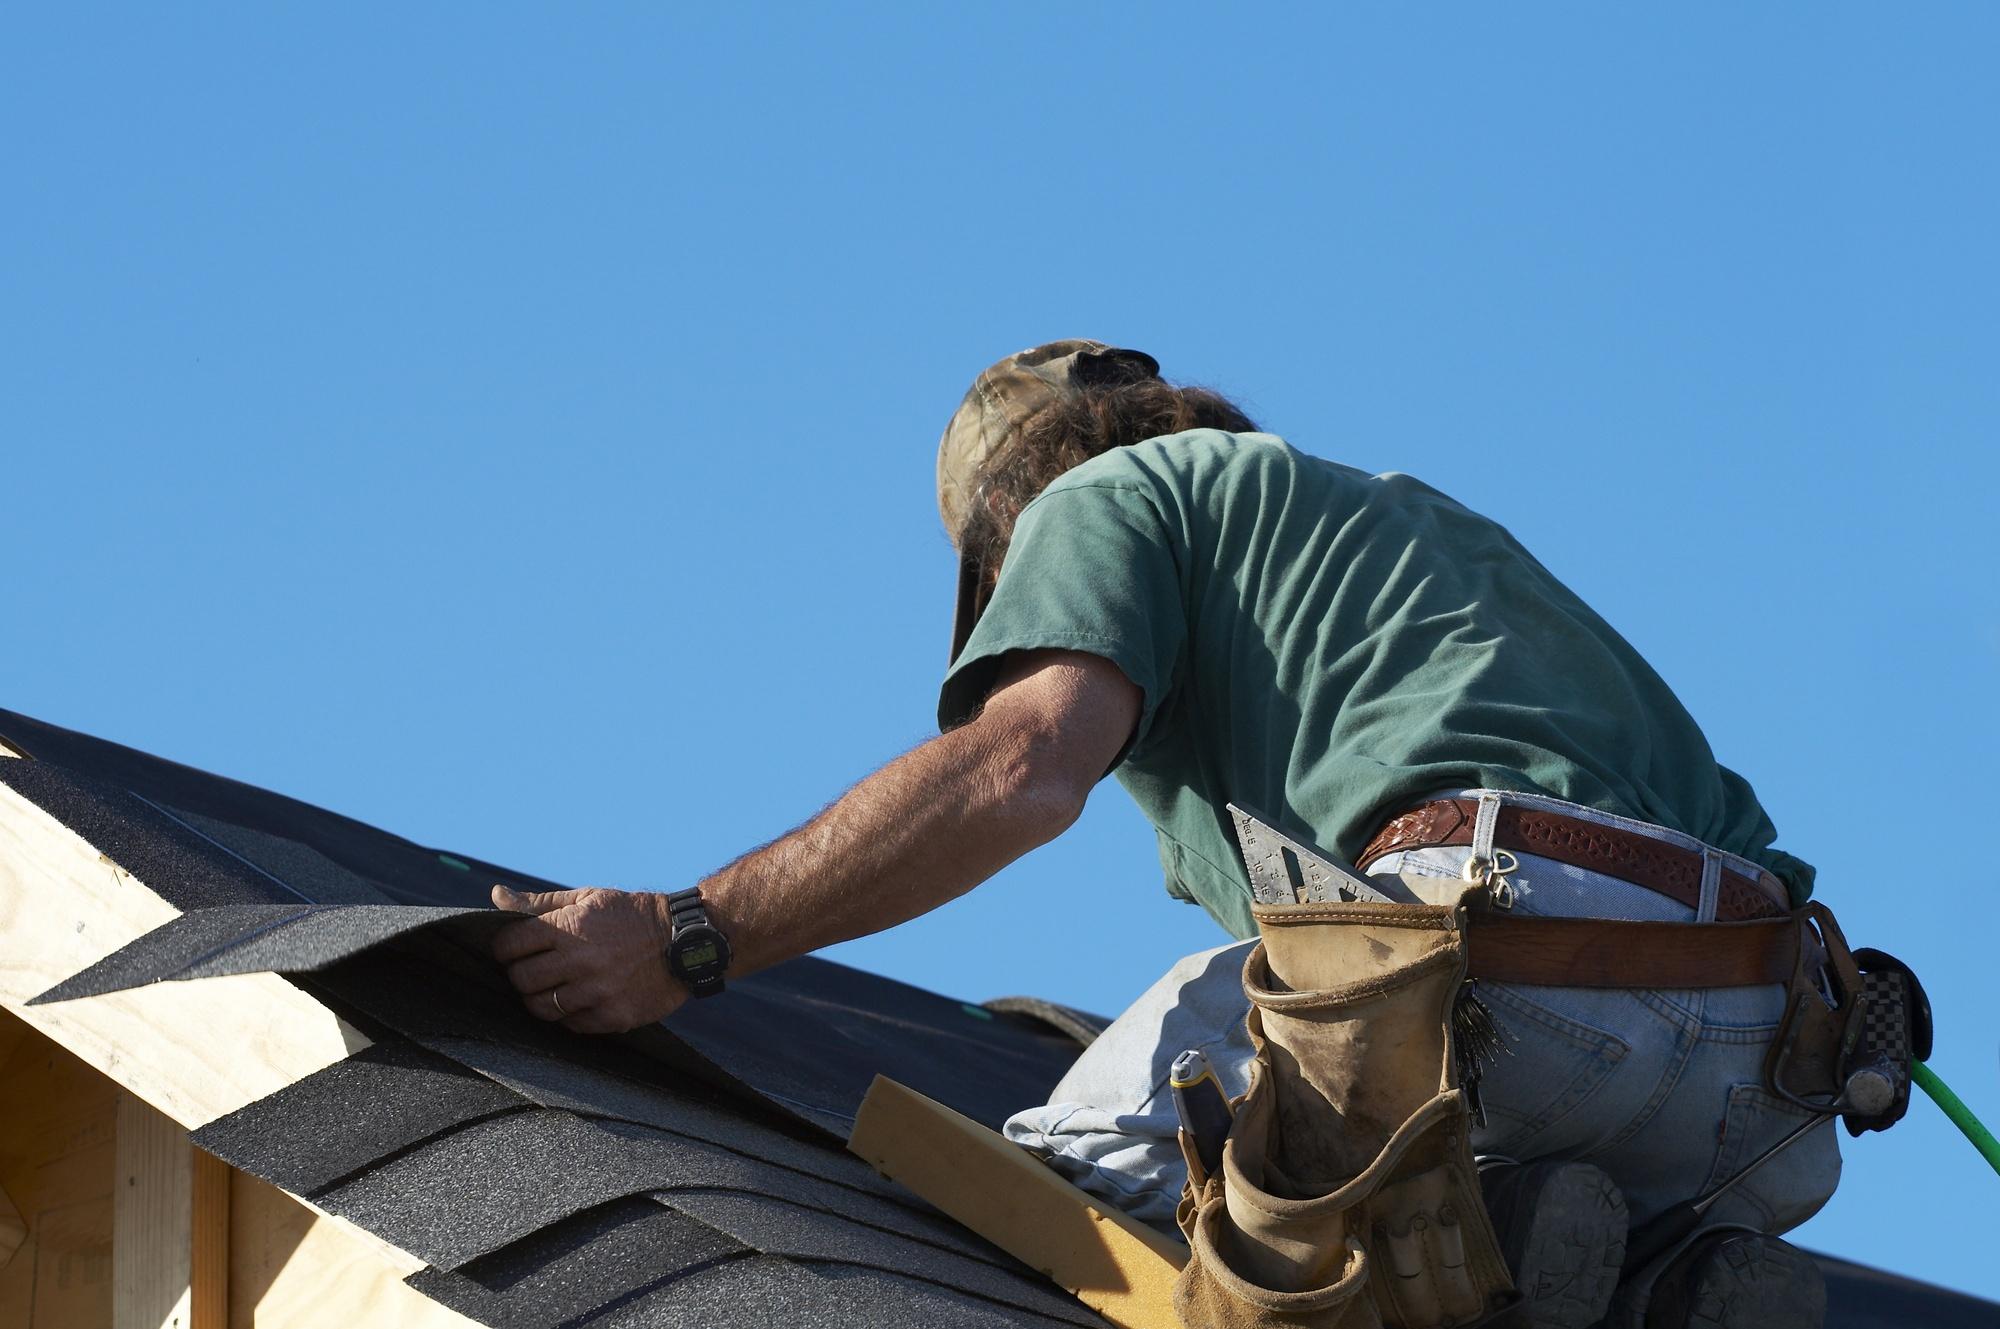 roofing-contractor-is-legit